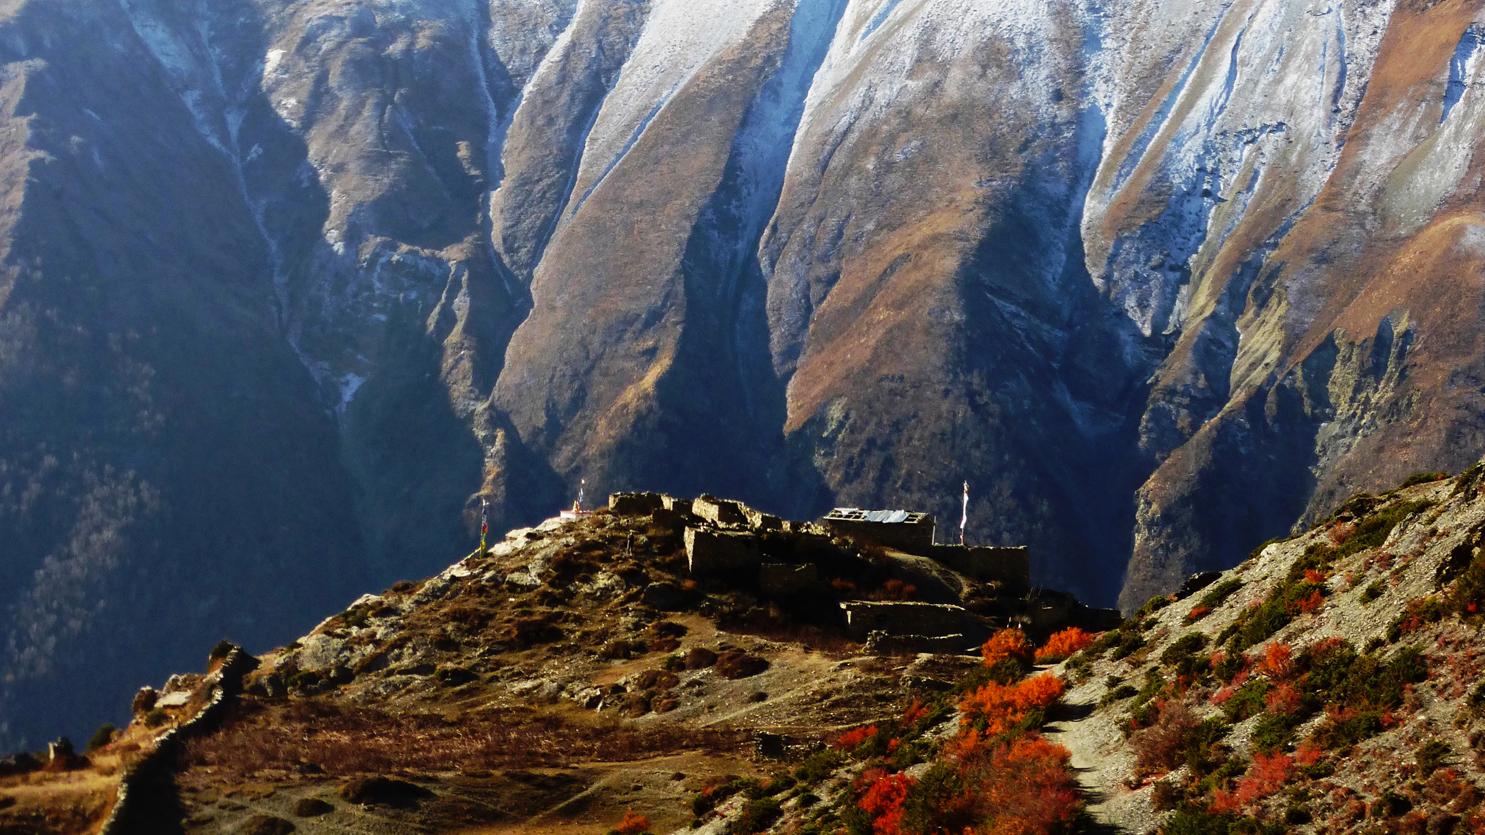 En direction du lac Tilicho au dessus de Manang. Voyage, tour des Annapurnas